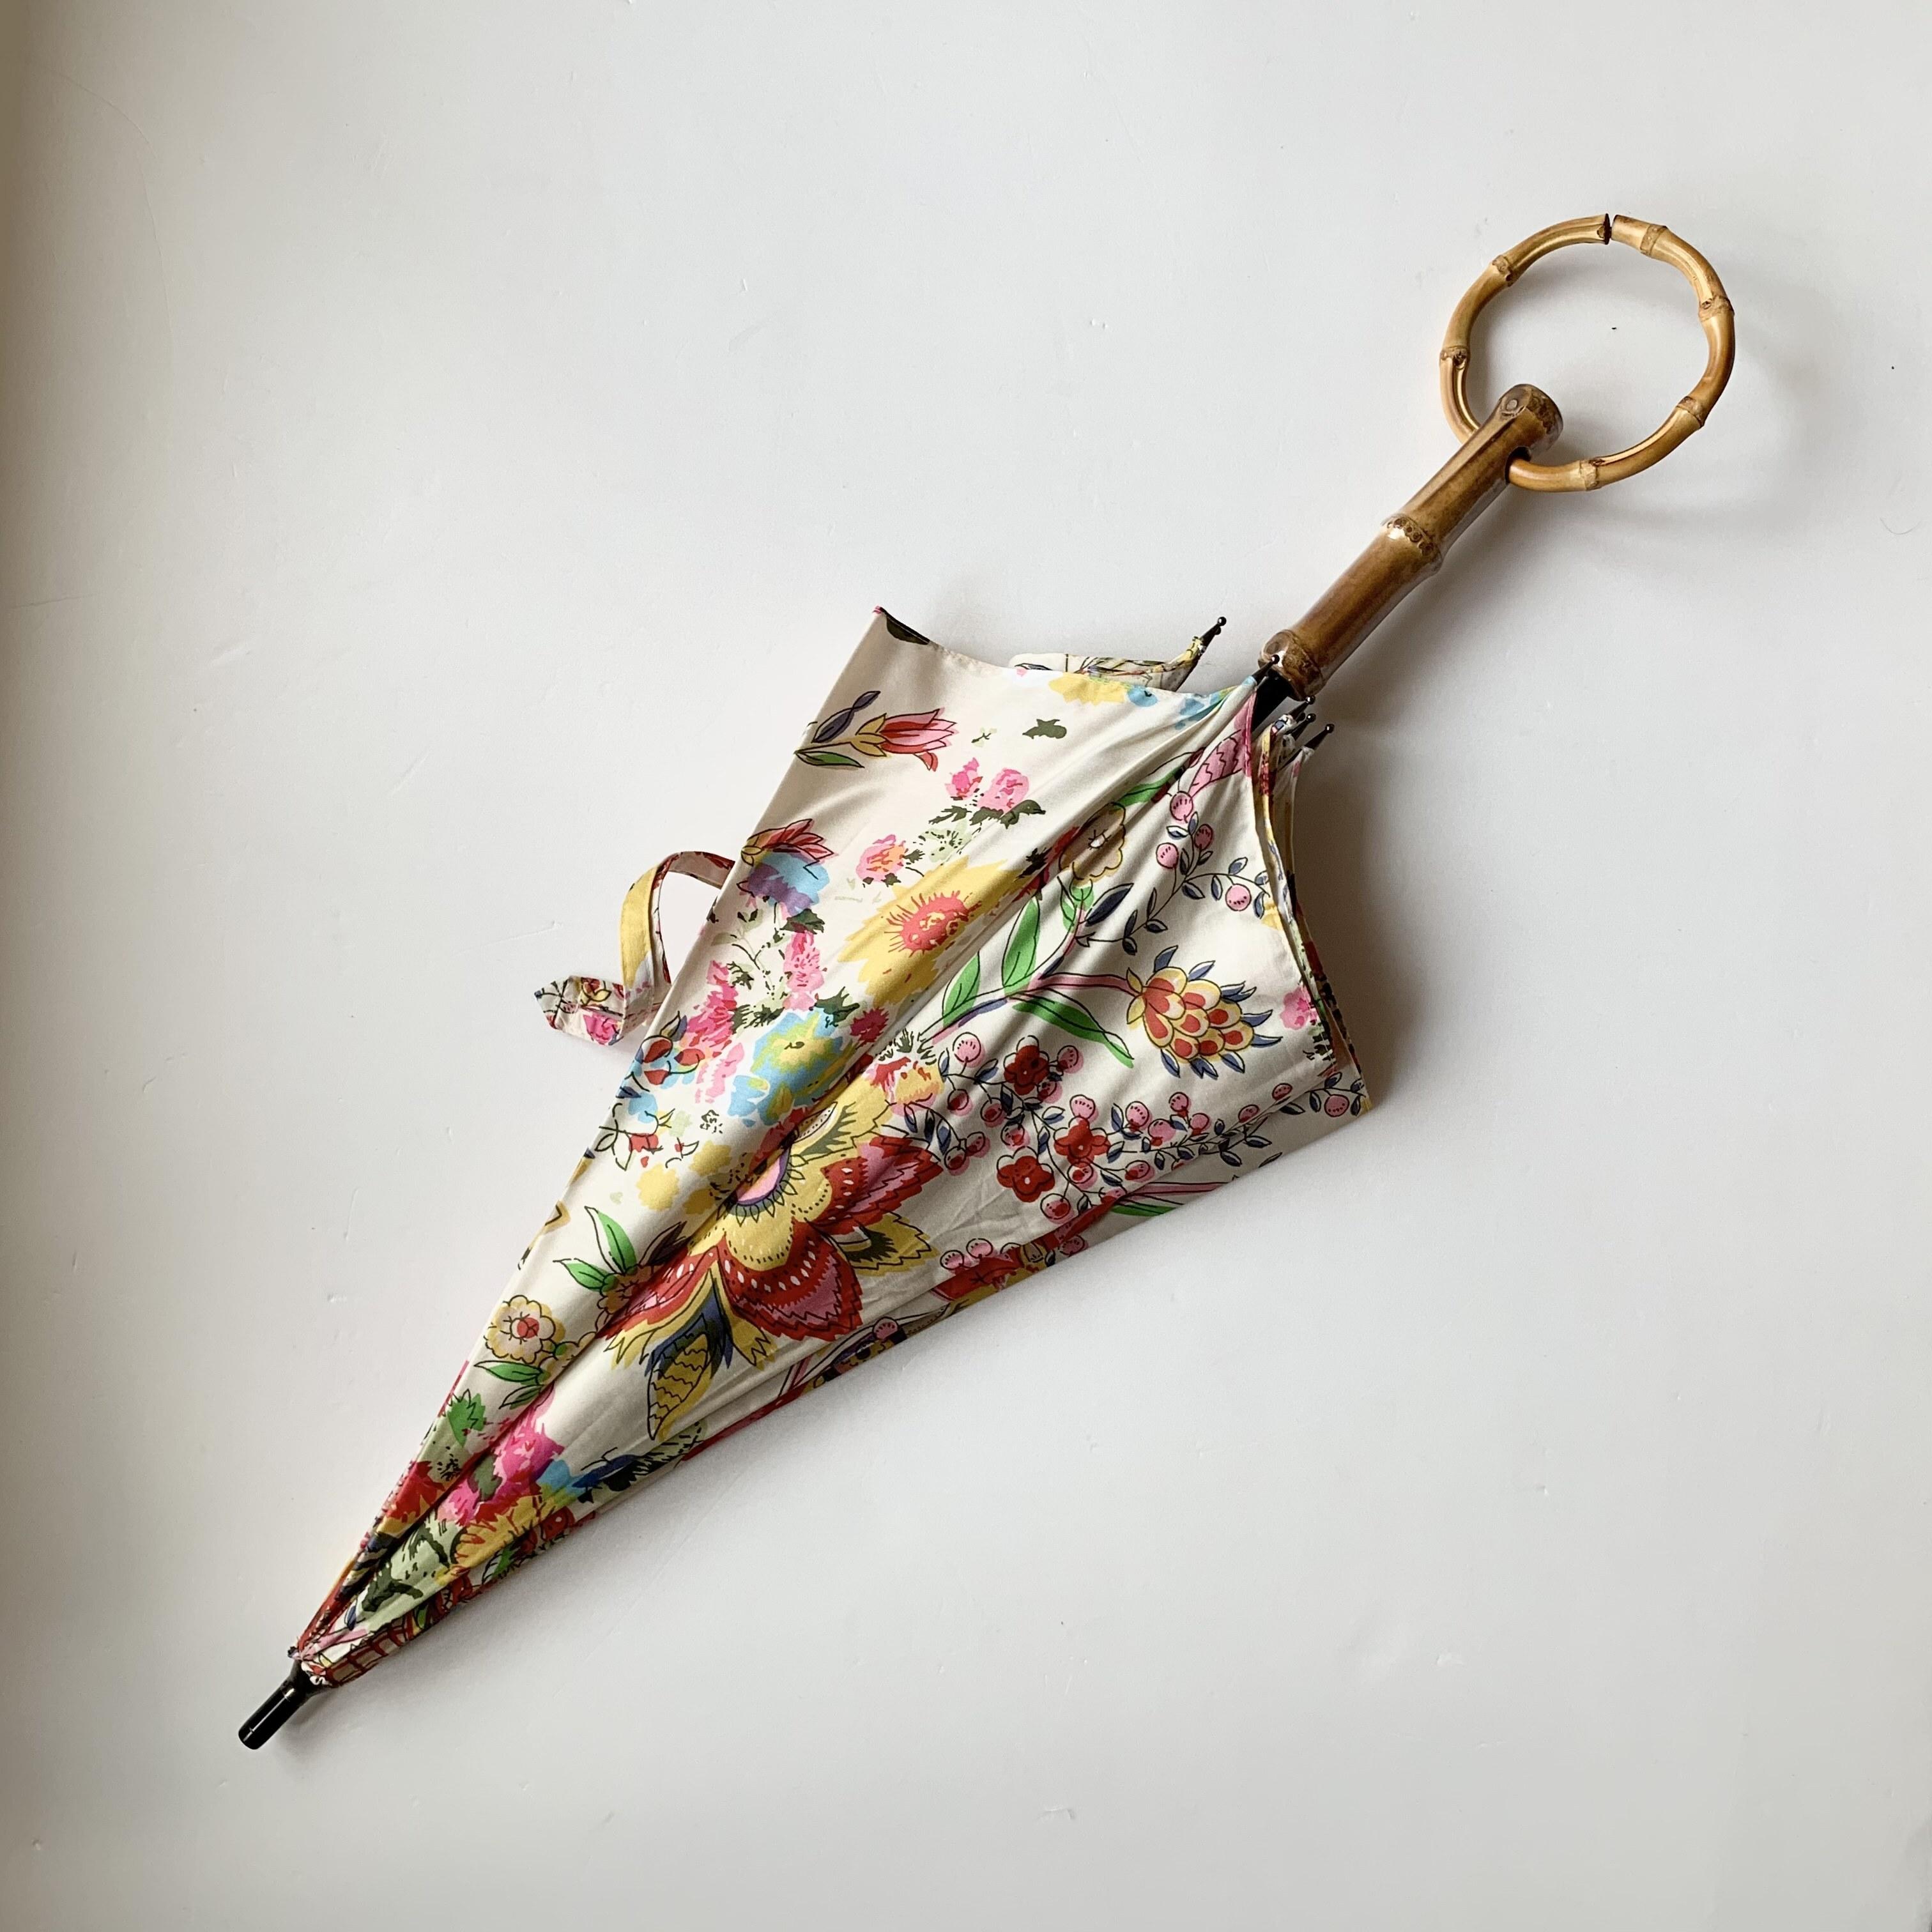 北欧デザイン日傘(晴雨兼用)| ショートタイプ持ち手輪 | tribal dance